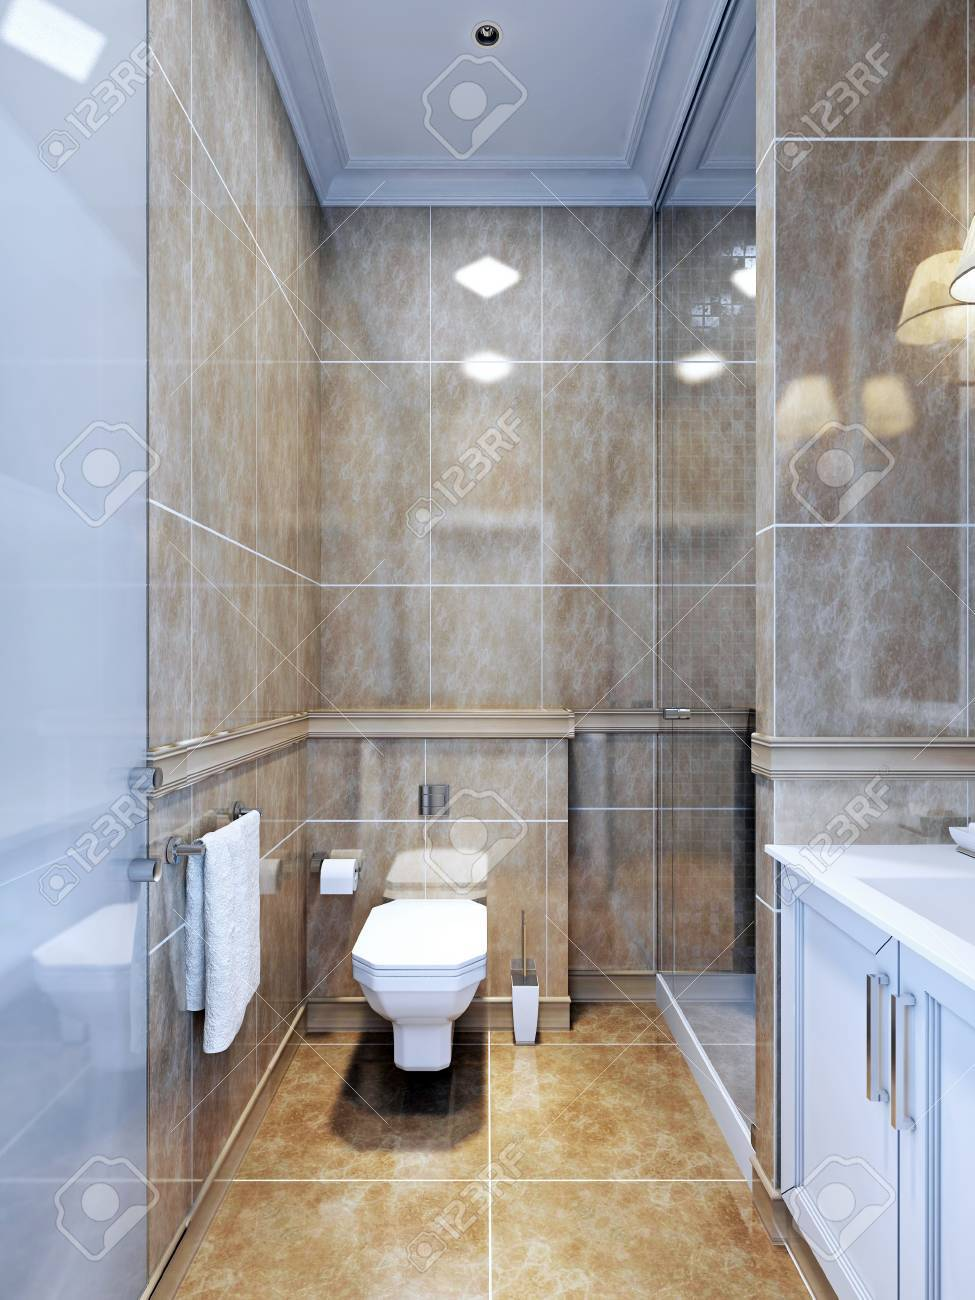 Idée de la salle de bains de provence. Un exemple d\'une salle de bain  intérieure avec un espace limité, où la douche séparée semble belle avec  une ...